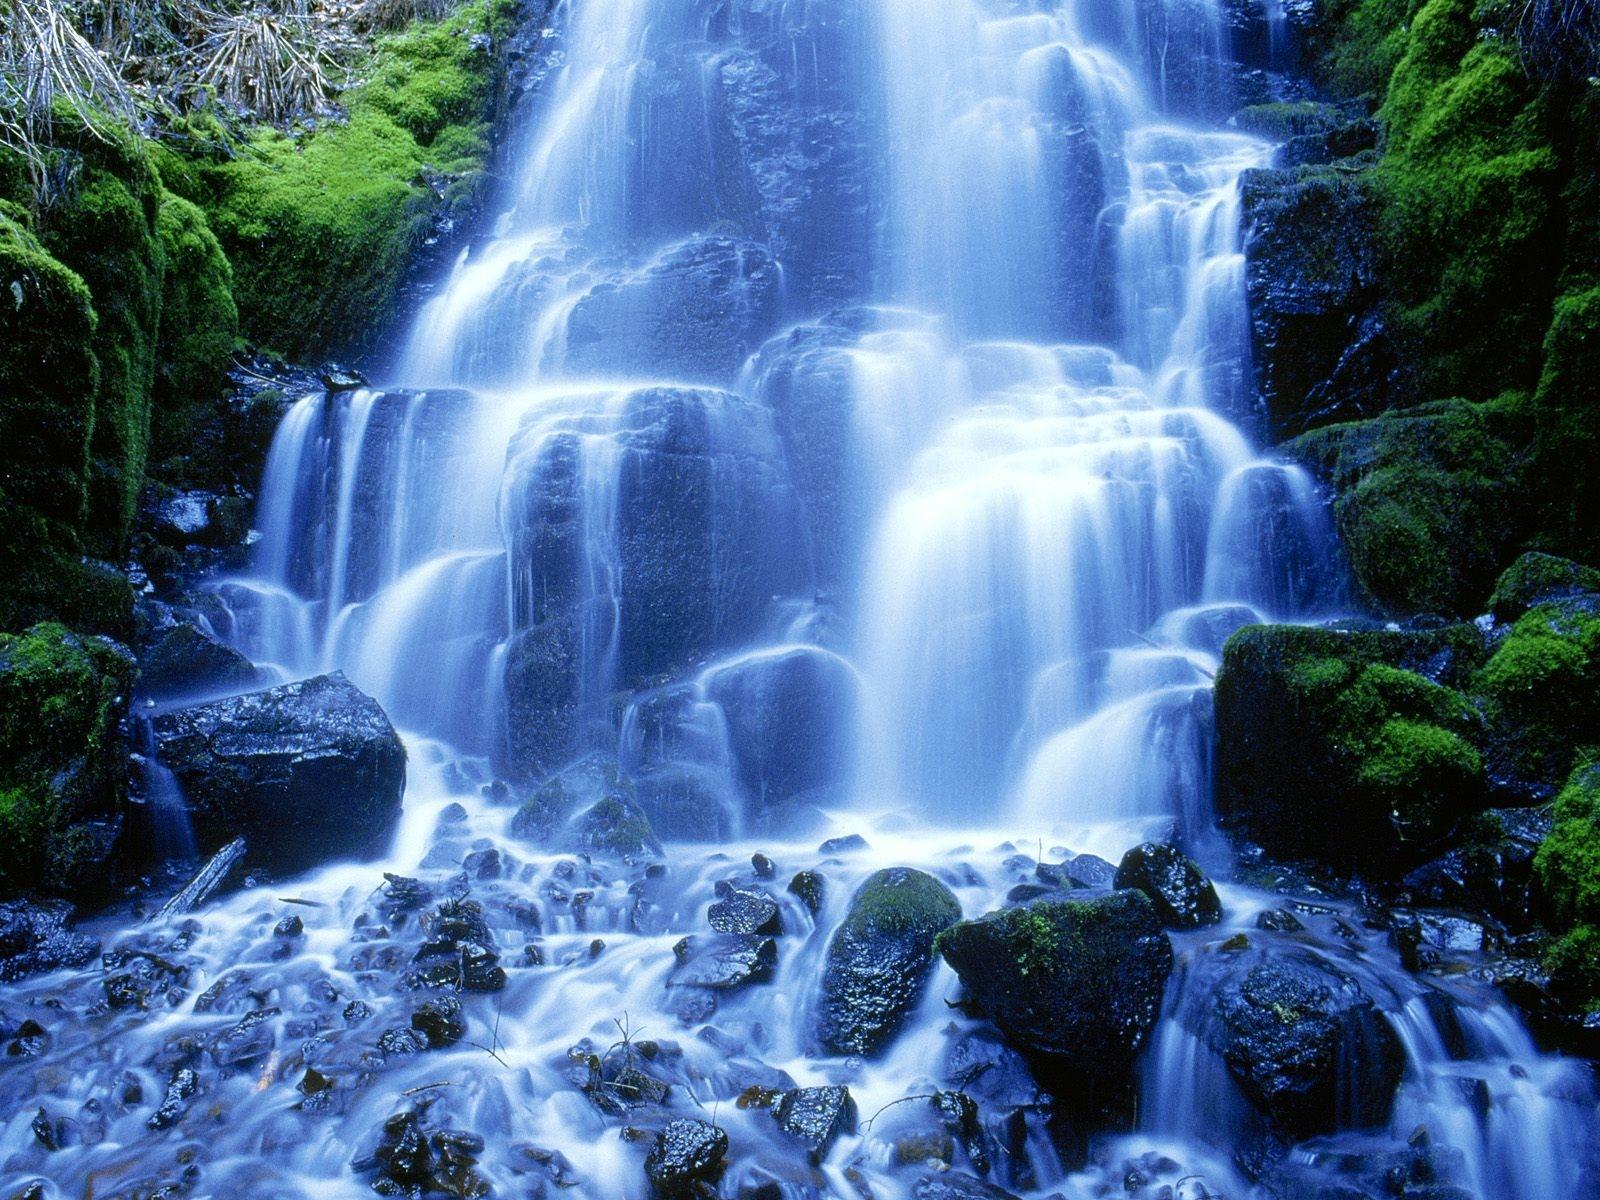 http://1.bp.blogspot.com/-v3gBhxDbkho/UKGOyWV1QKI/AAAAAAAAAbI/_fNhNRnm9Ng/s1600/dios-naturaleza.jpg